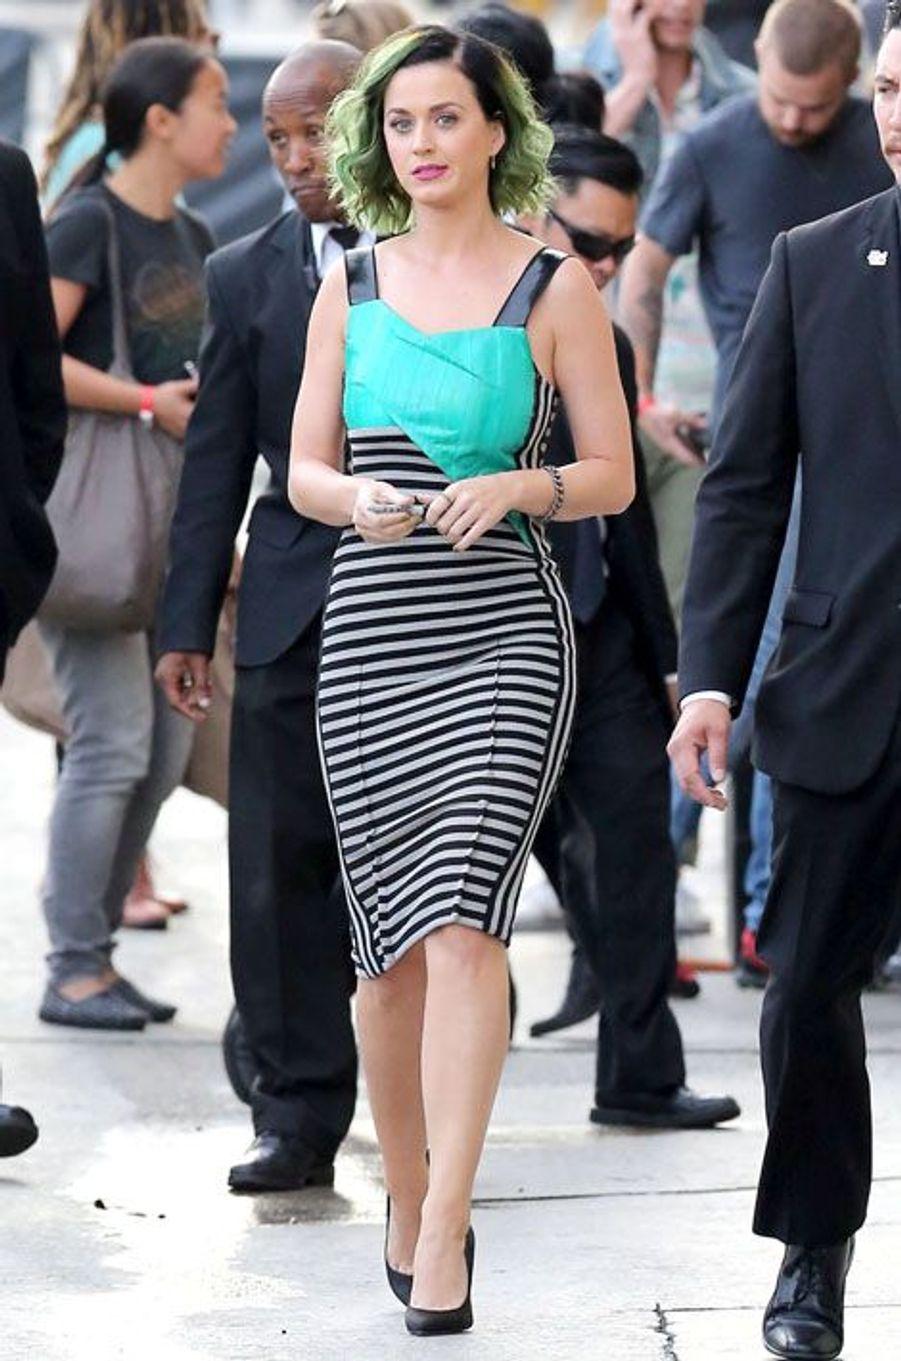 Katy Perry arrive à la soirée Jimmy Kimmel Live, Los Angeles, avril 2014